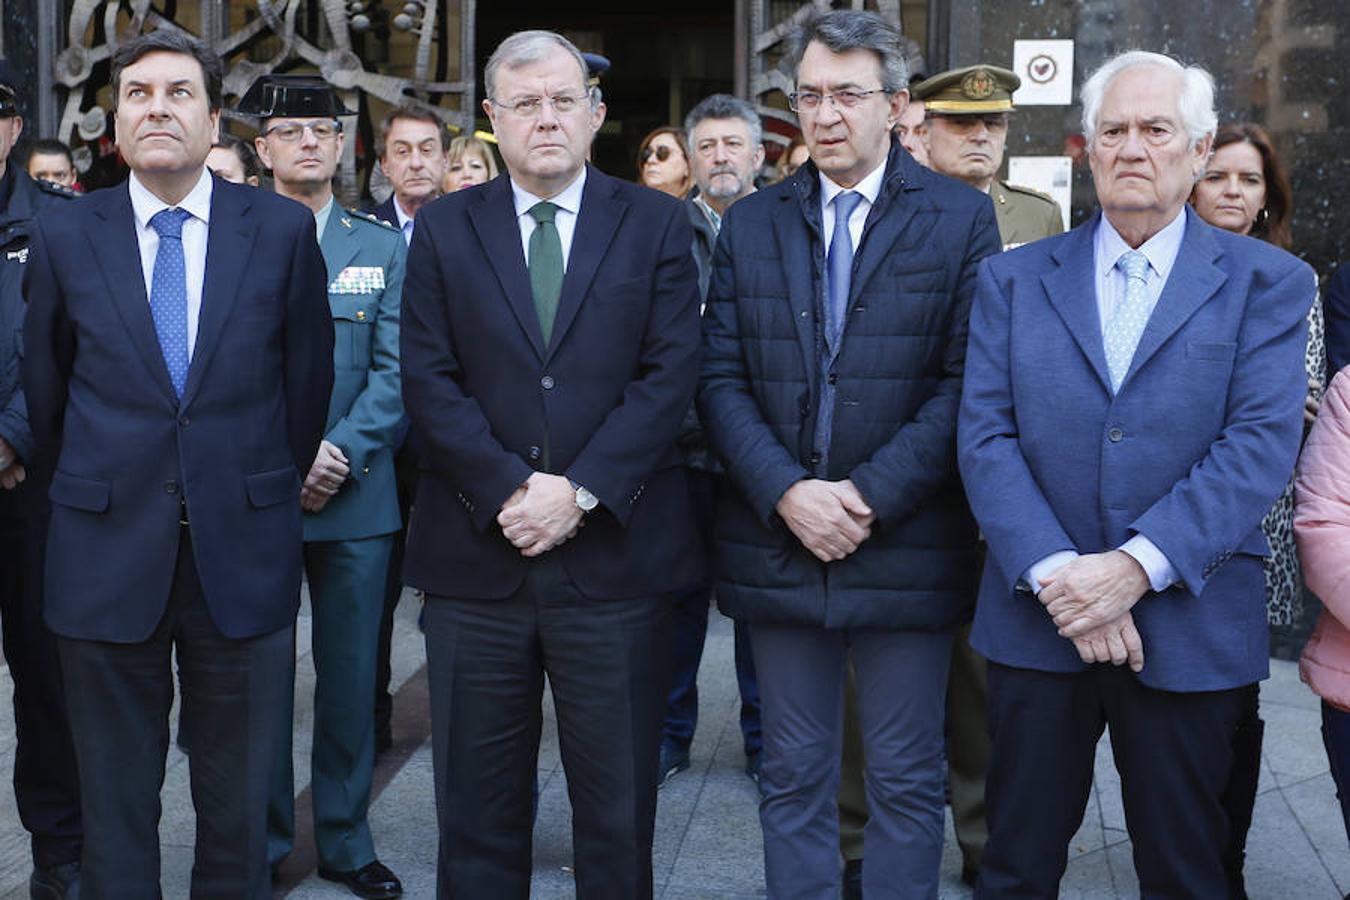 Minuto de silencio en el Ayuntamiento de León por el 15 aniversario del 11M